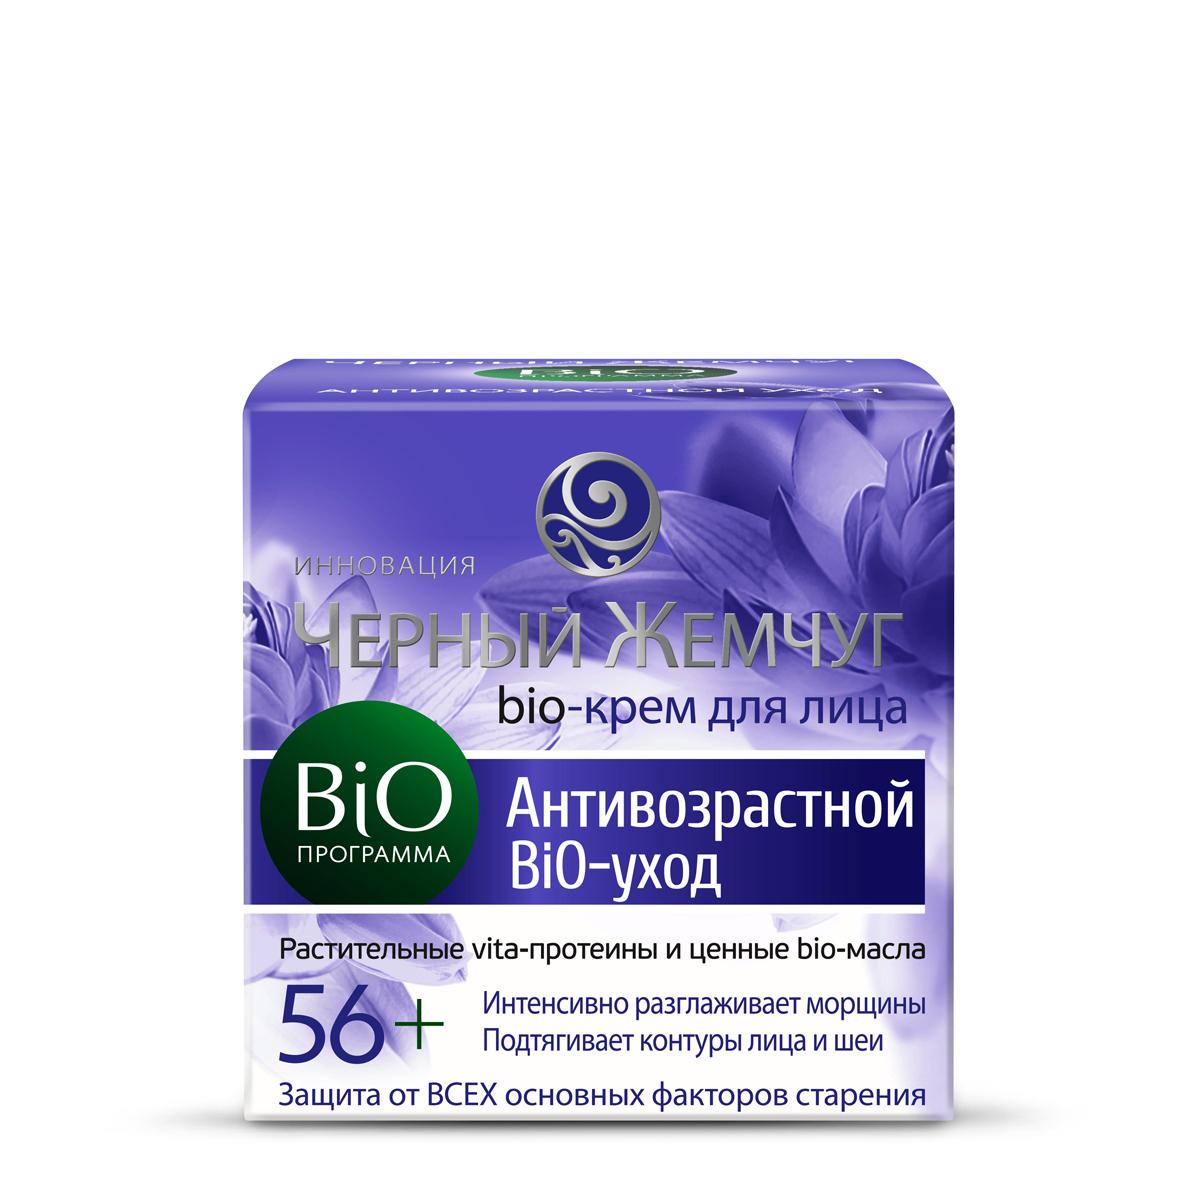 Черный Жемчуг Bio-Программа Крем для лица Антивозрастной bio-уход 56+ 50 мл (Черный жемчуг)